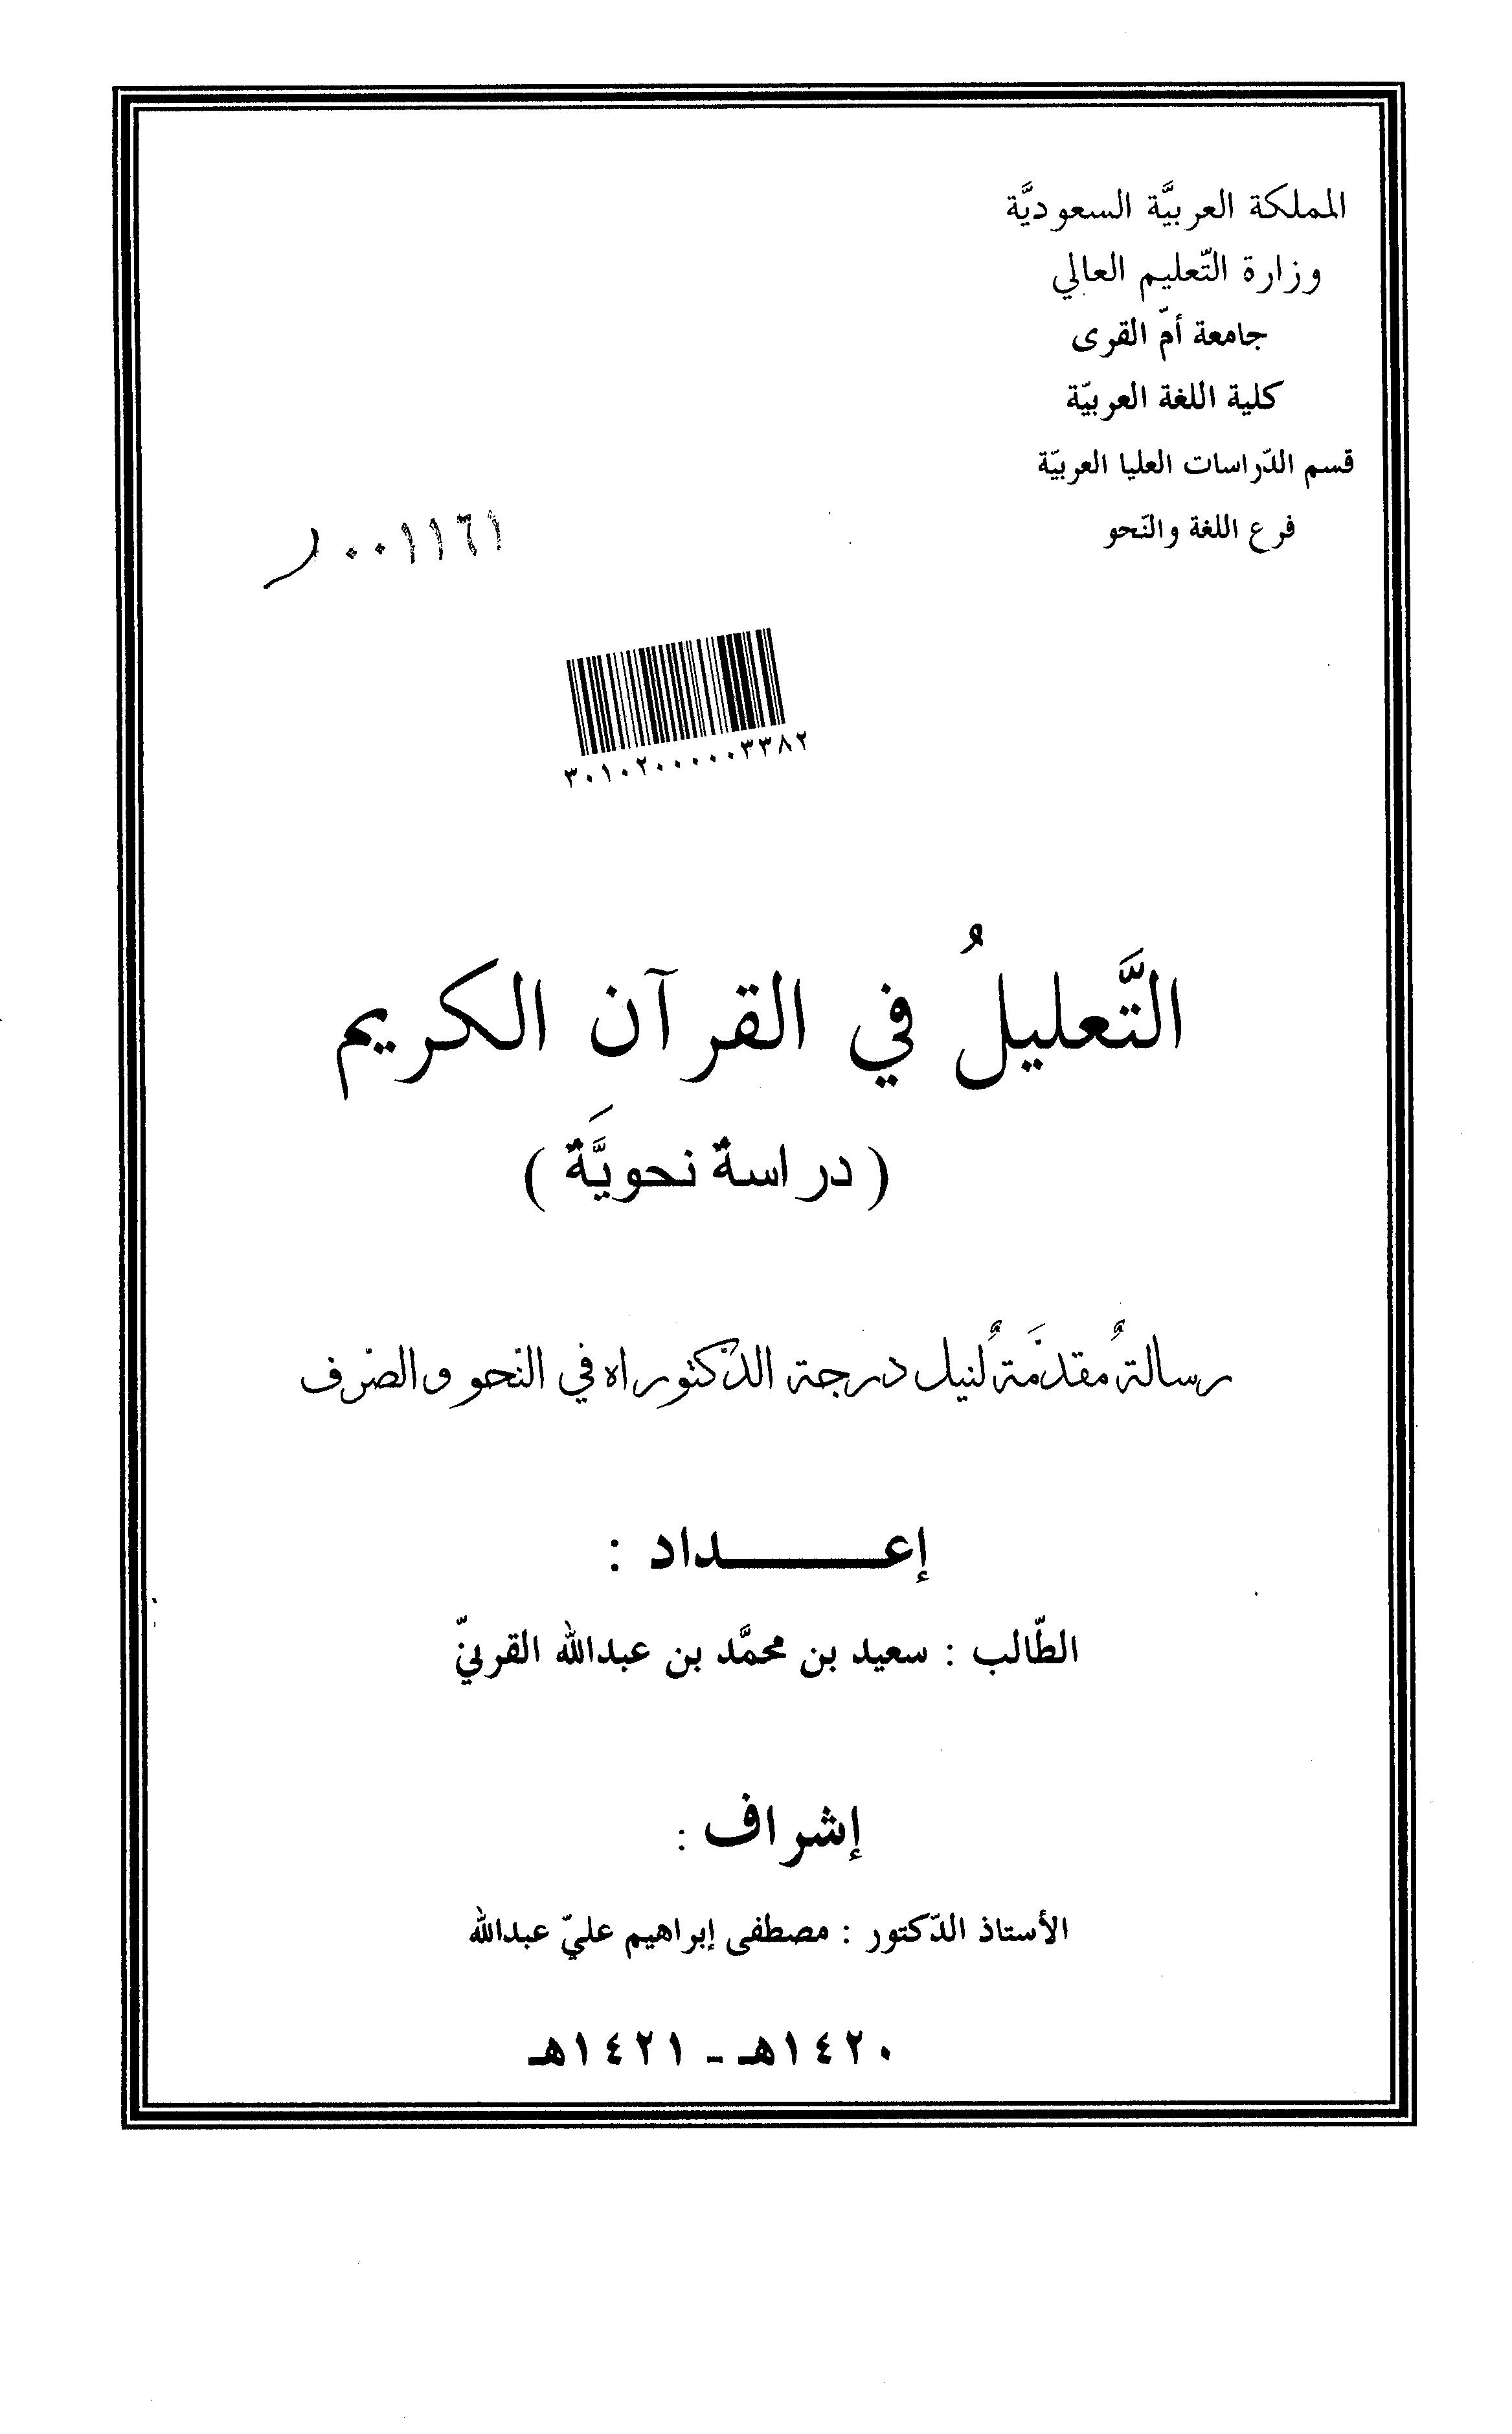 تحميل كتاب التعليل في القرآن الكريم (دراسة نحوية) لـِ: الدكتور سعيد بن محمد بن عبد الله القرني